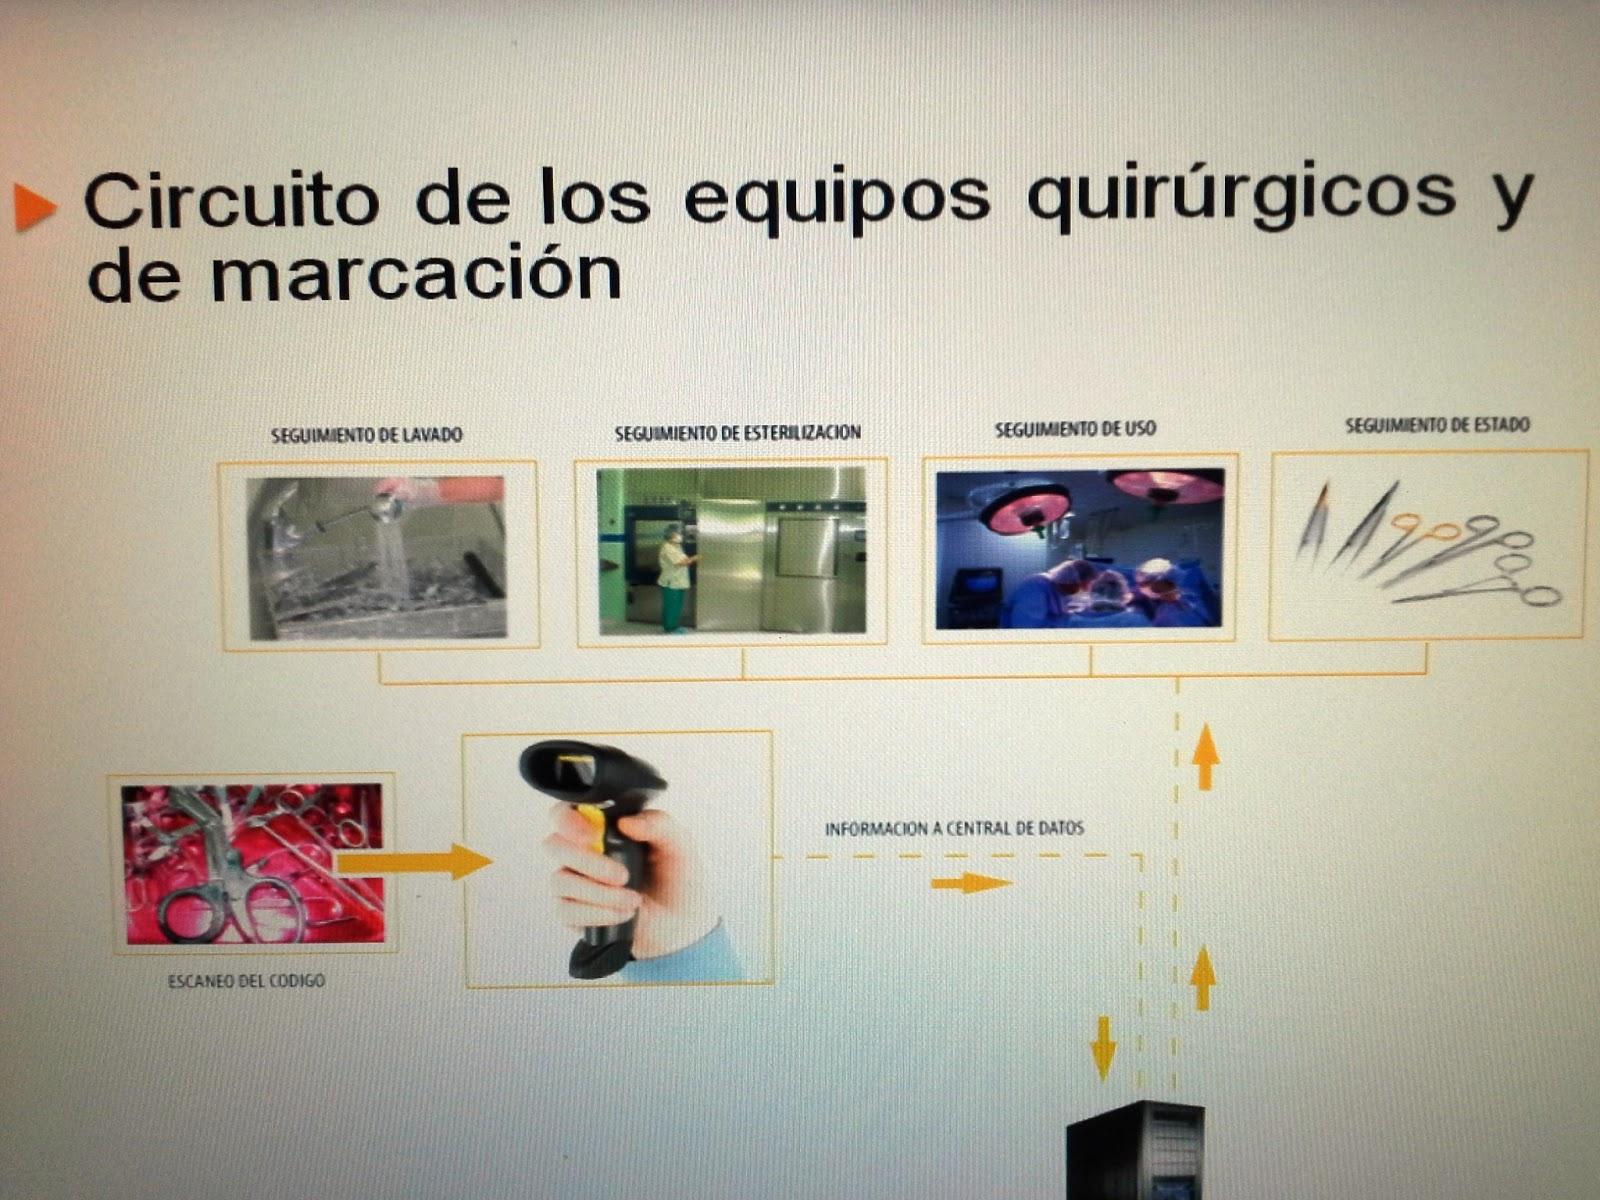 Circuito Quirurgico : Revista avances: trazabilidad y marcaciÓn del instrumental quirurgico